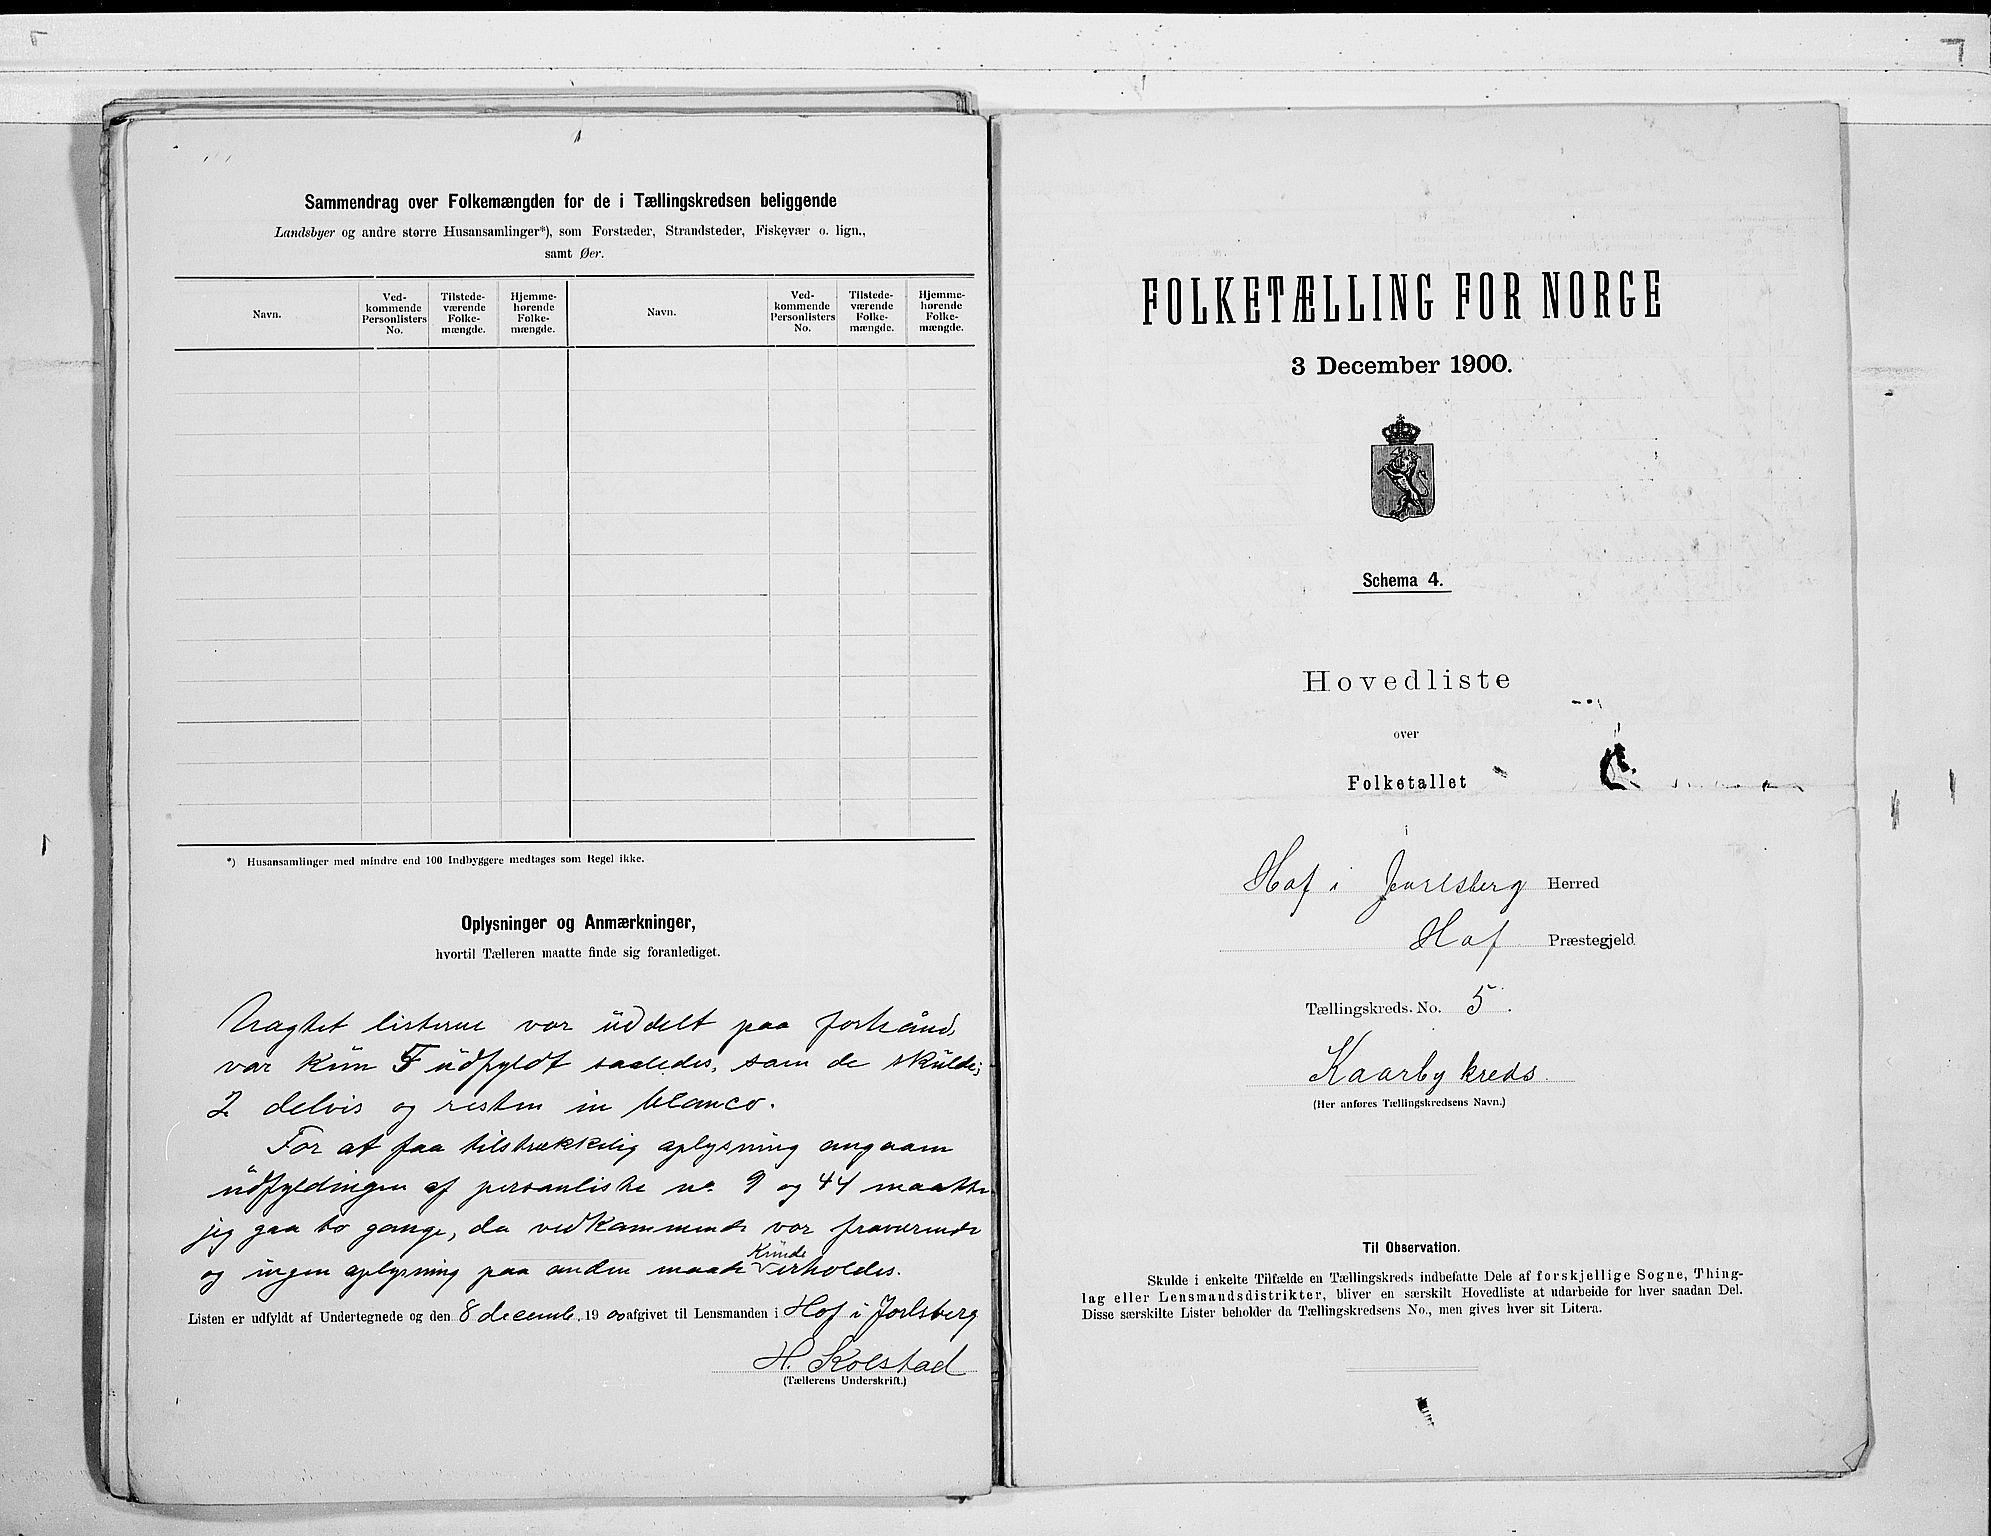 RA, Folketelling 1900 for 0714 Hof herred, 1900, s. 14